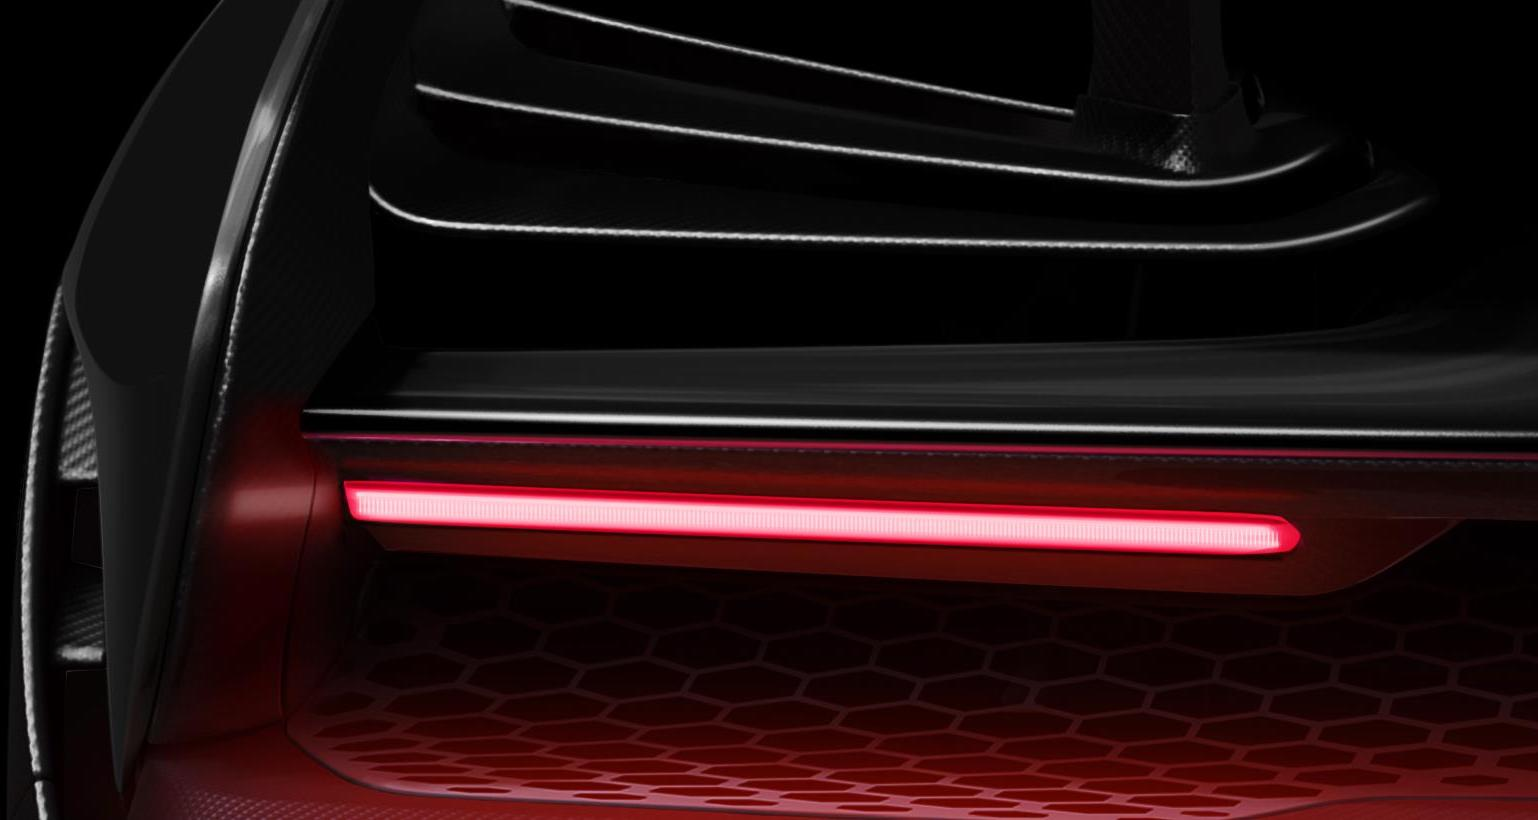 McLaren P15 teased, reveal set for December 10